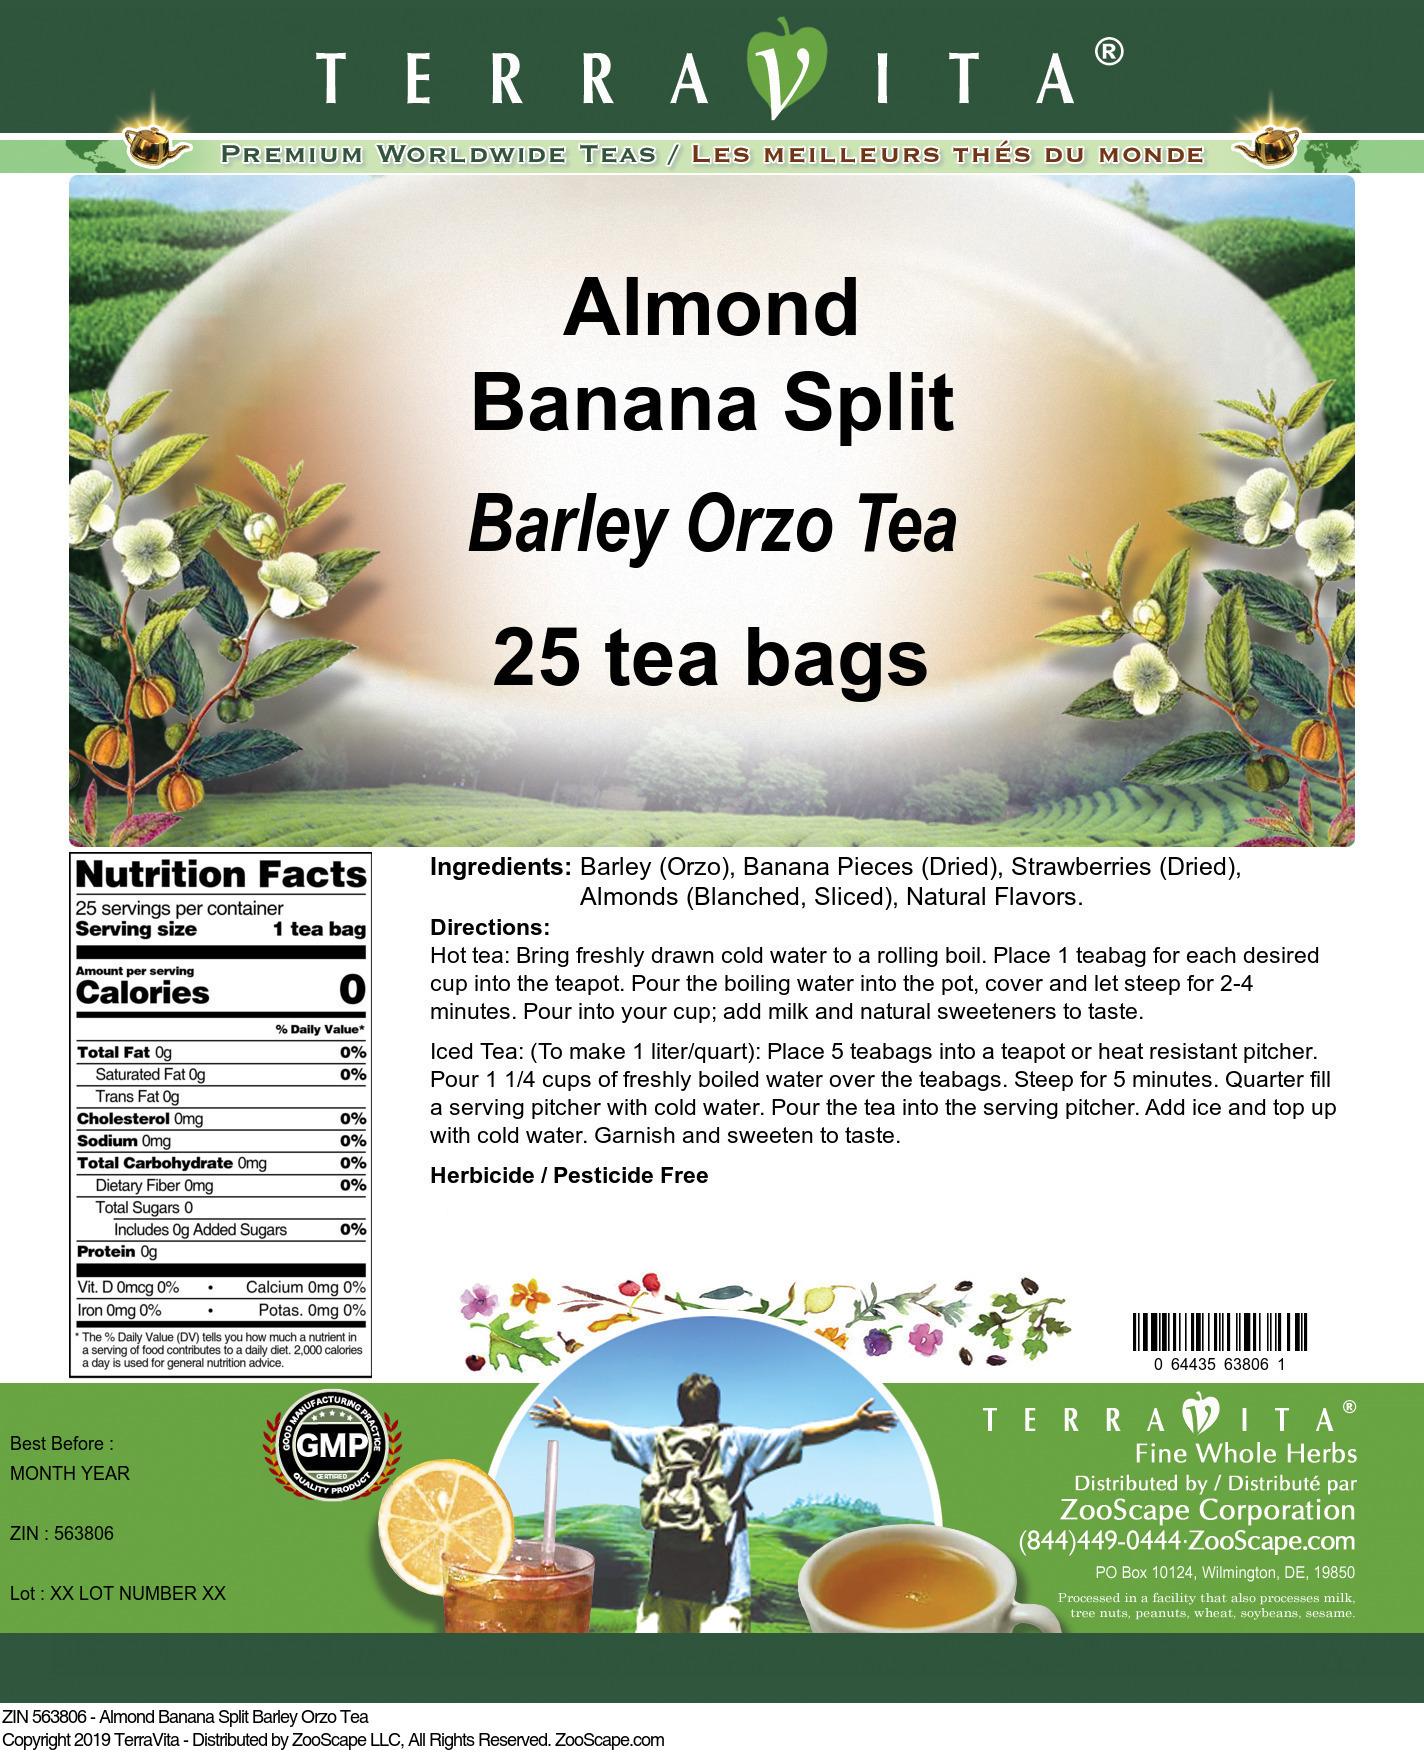 Almond Banana Split Barley Orzo